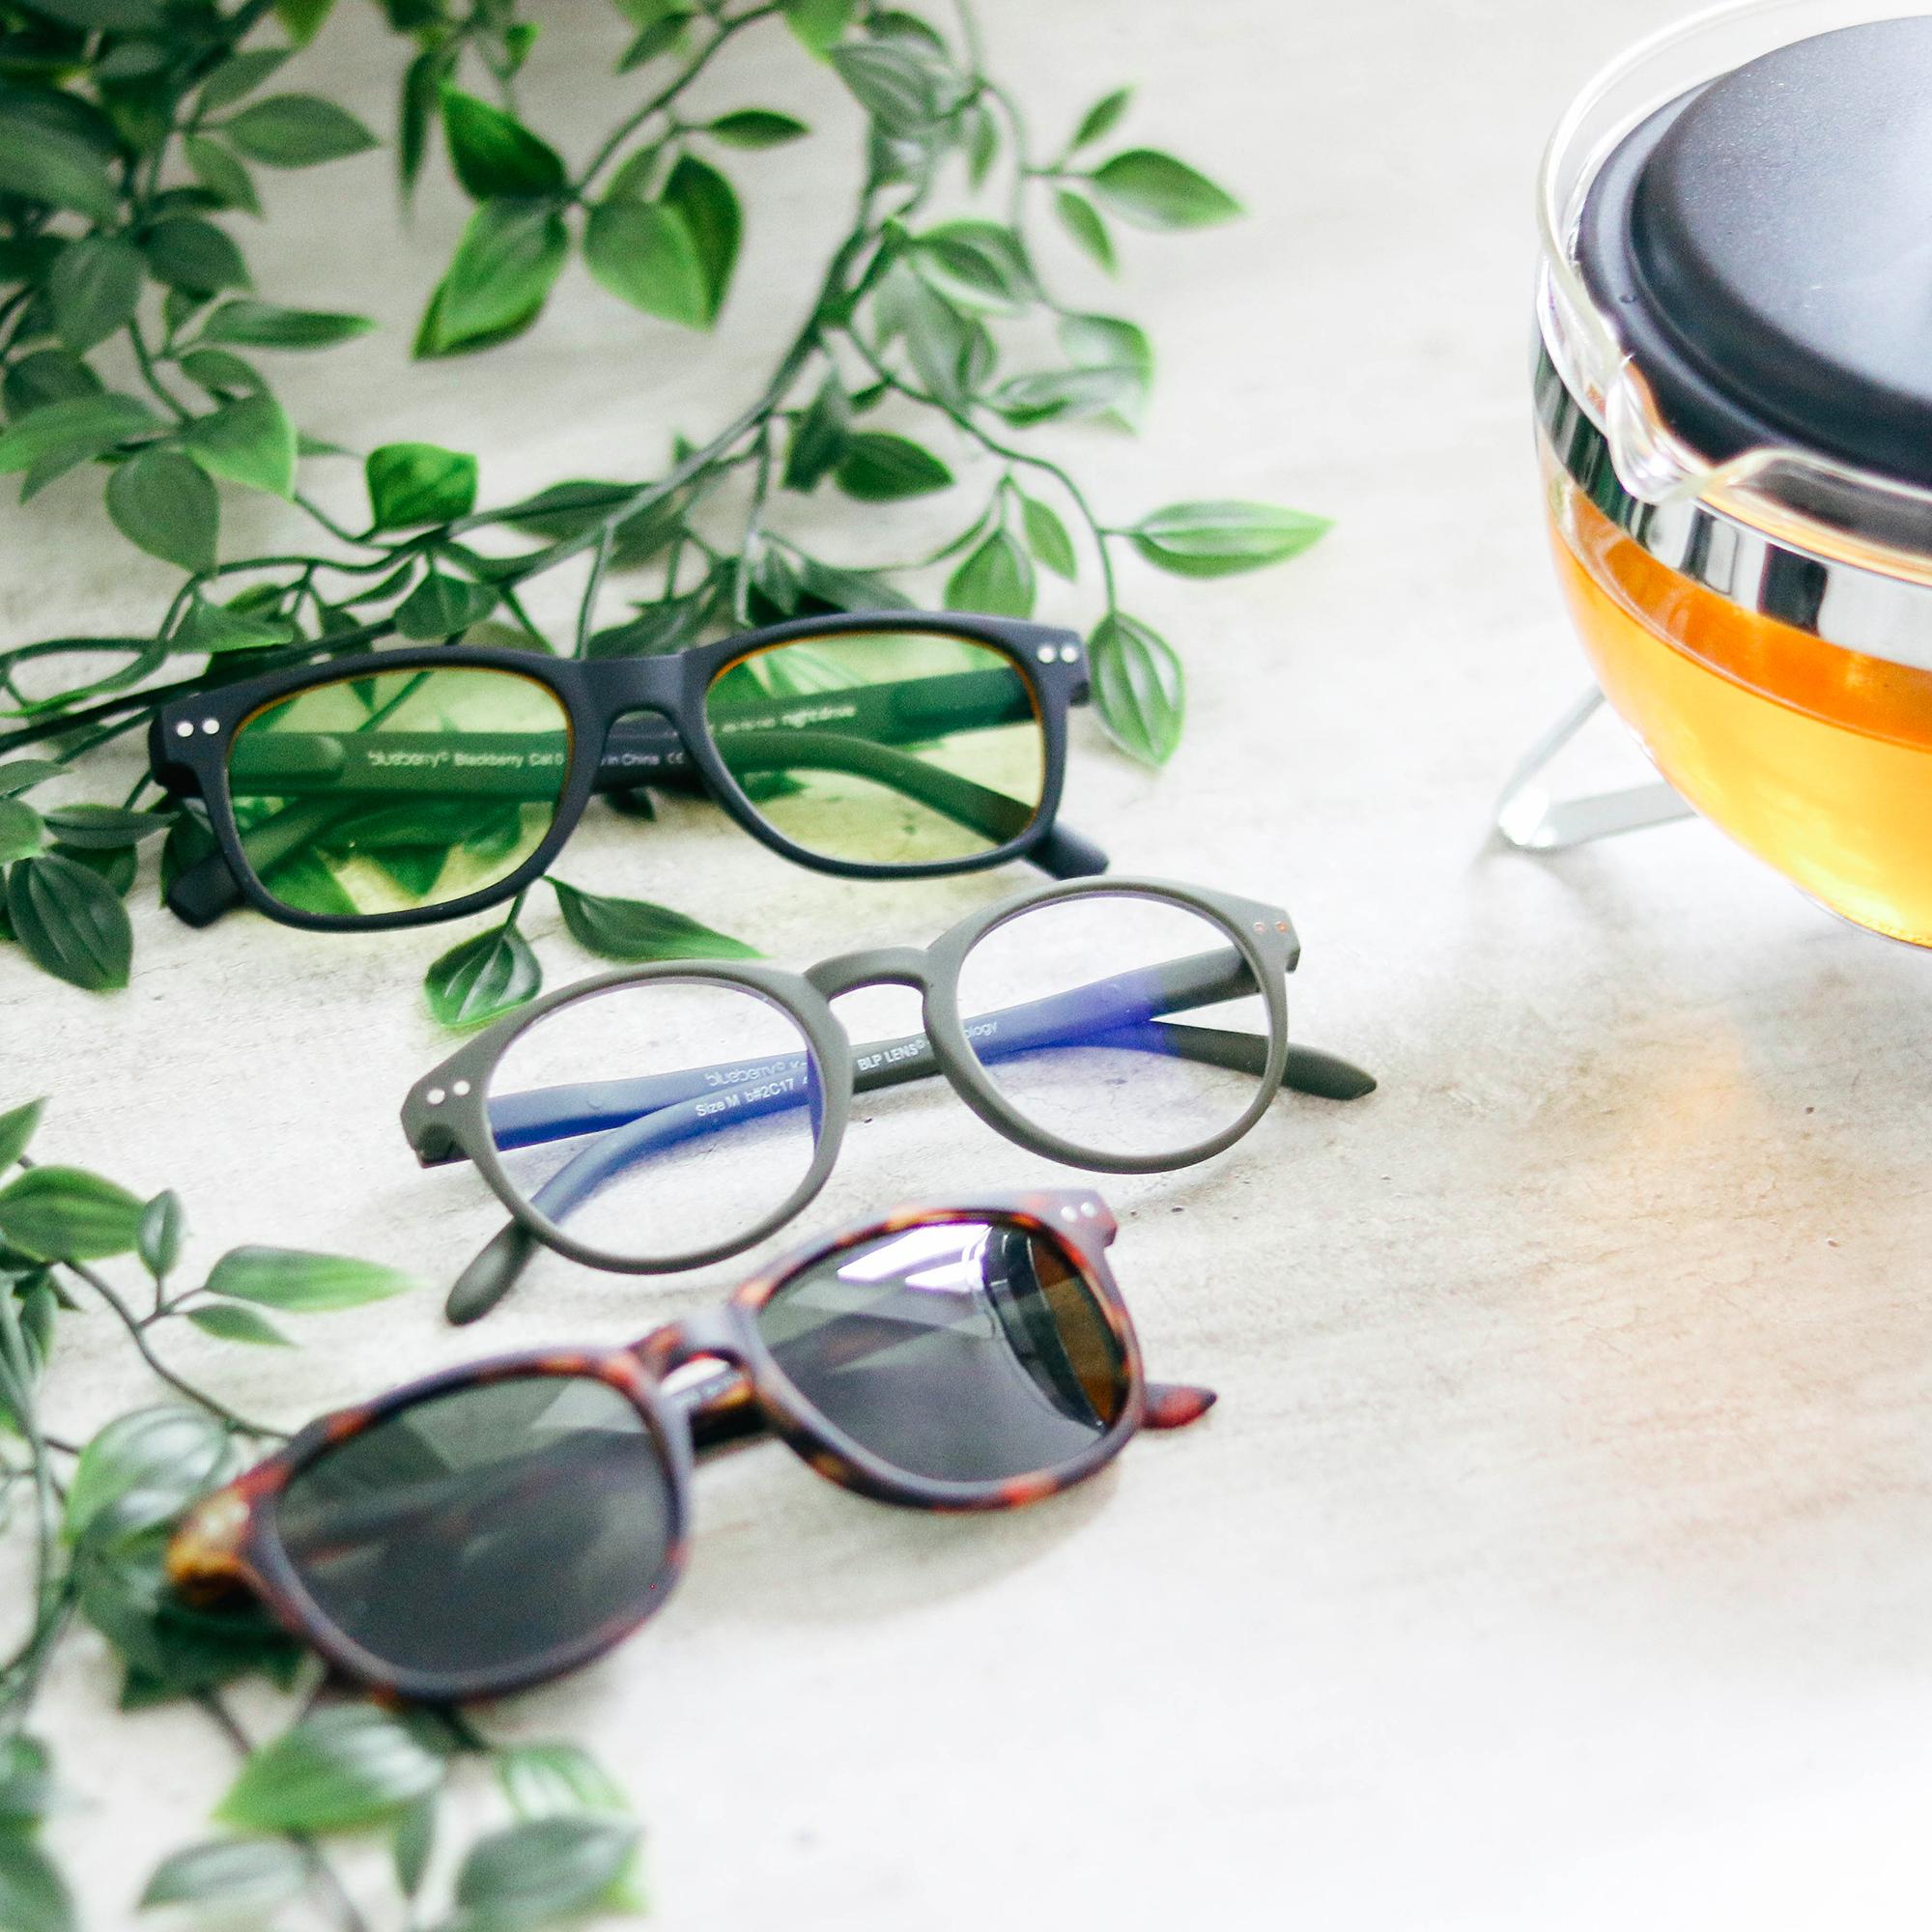 Lunettes anti lumière bleue, lunettes de soleil - Blueberry e2f7329e9c65